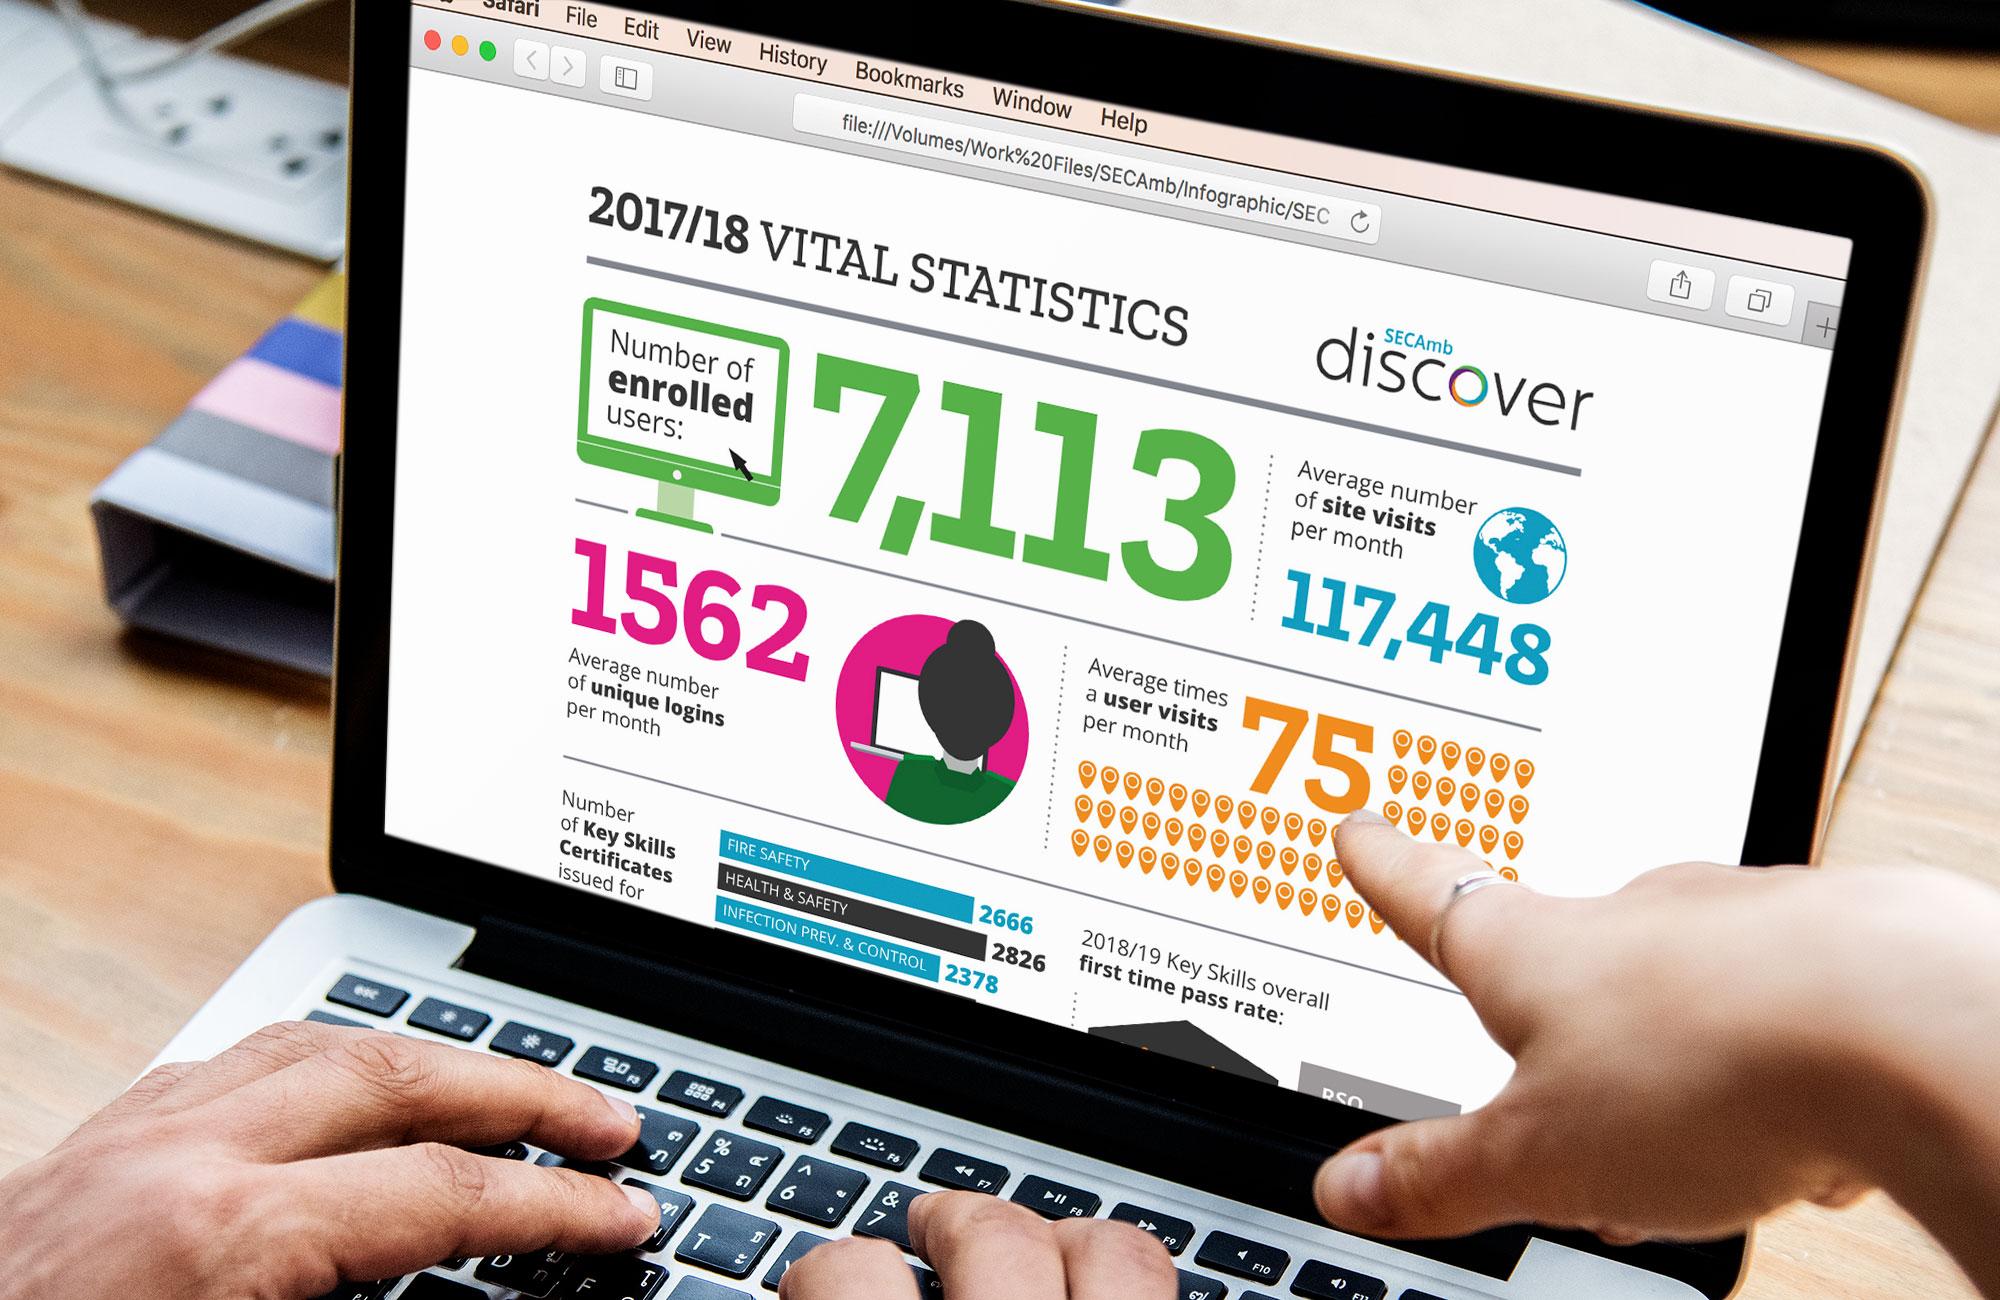 SECAmb-statistics-laptop-responsive-1